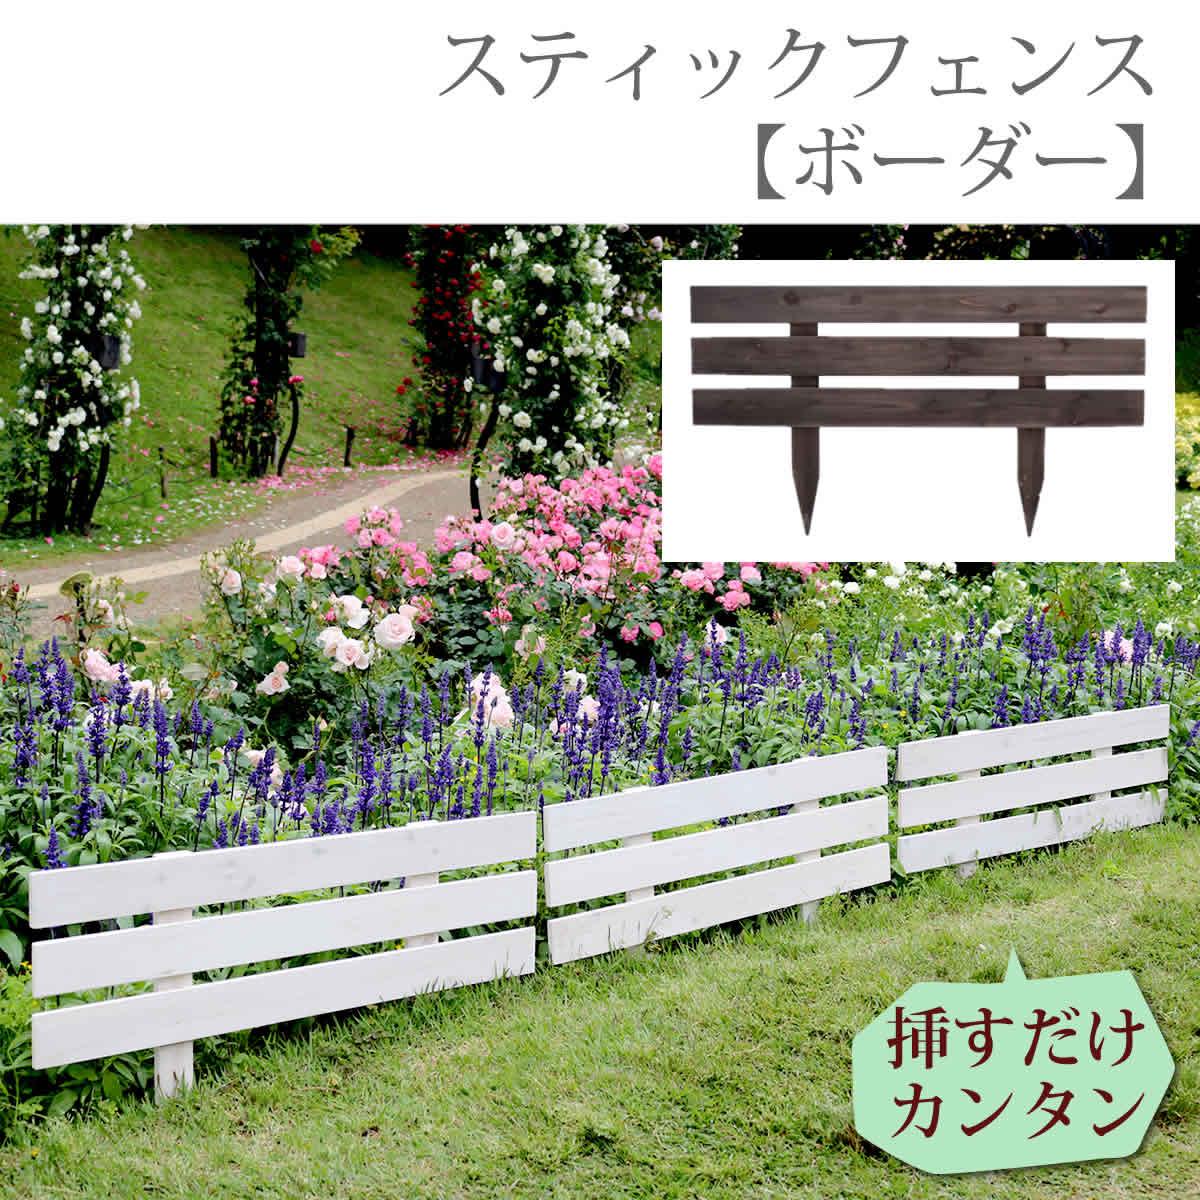 【ポイント5倍】天然木製スティックフェンス[ボーダー] フェンス 木製フェンス 天然木製 ガーデンフェンス  西海岸 JSBF-8045